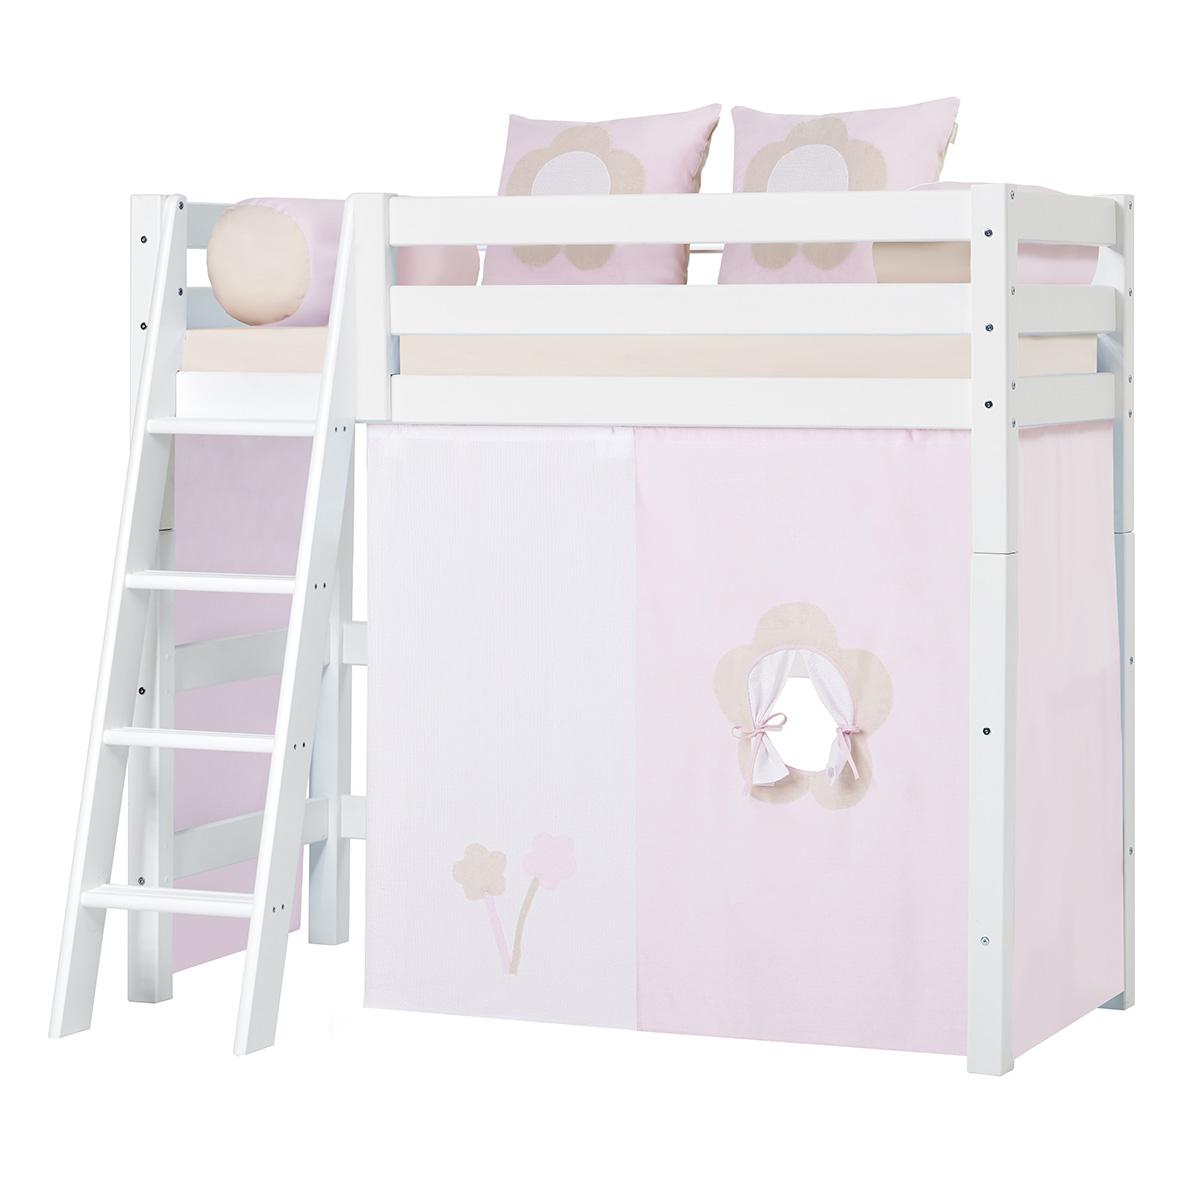 Billede af Hoppekids mellemhøj juniorseng - Premium - Hvid med Fairytale Flower